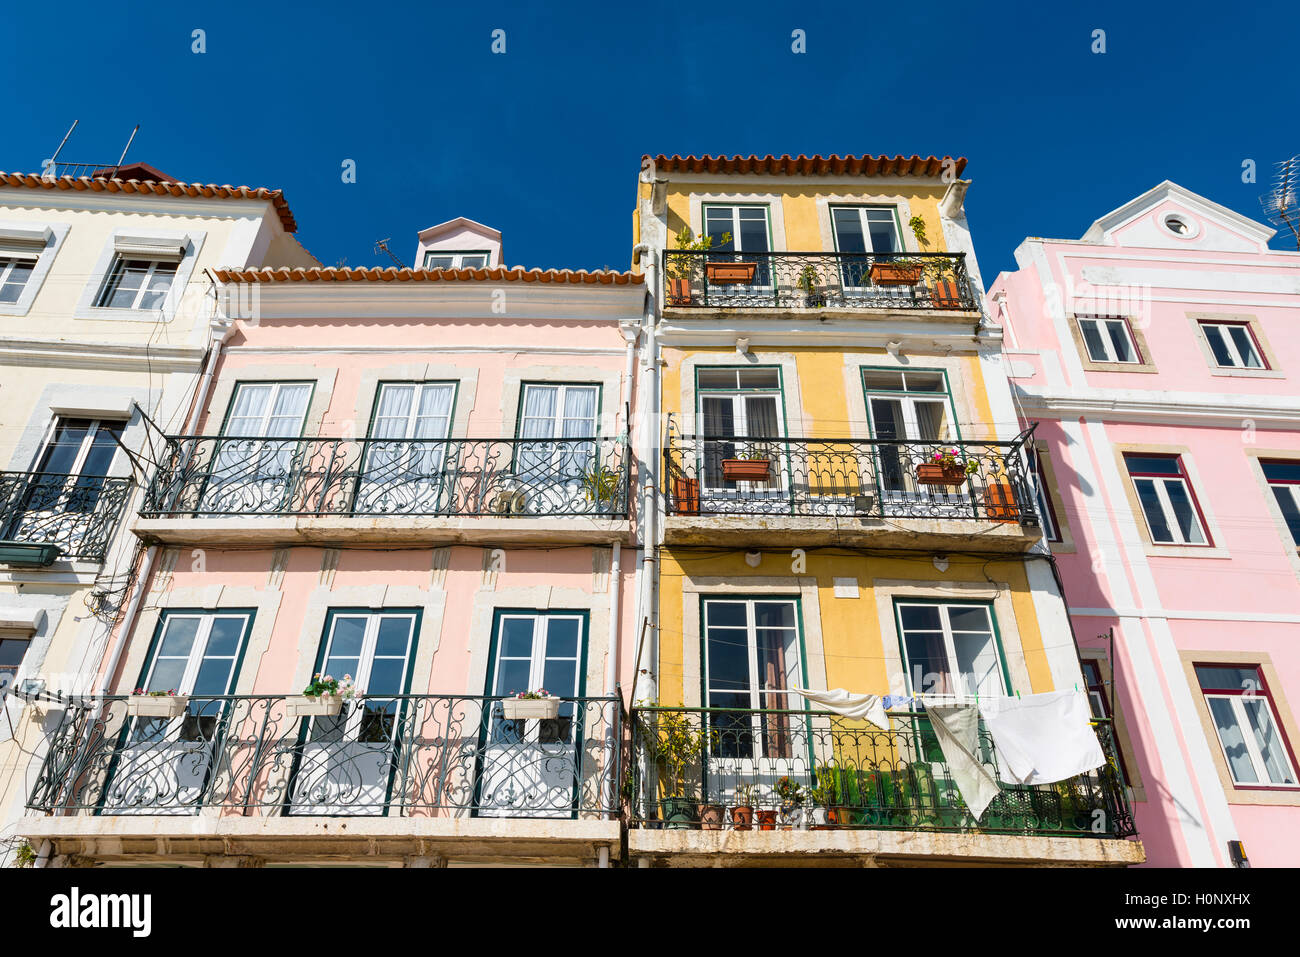 Maisons colorées, Belém, Lisbonne, Portugal Photo Stock